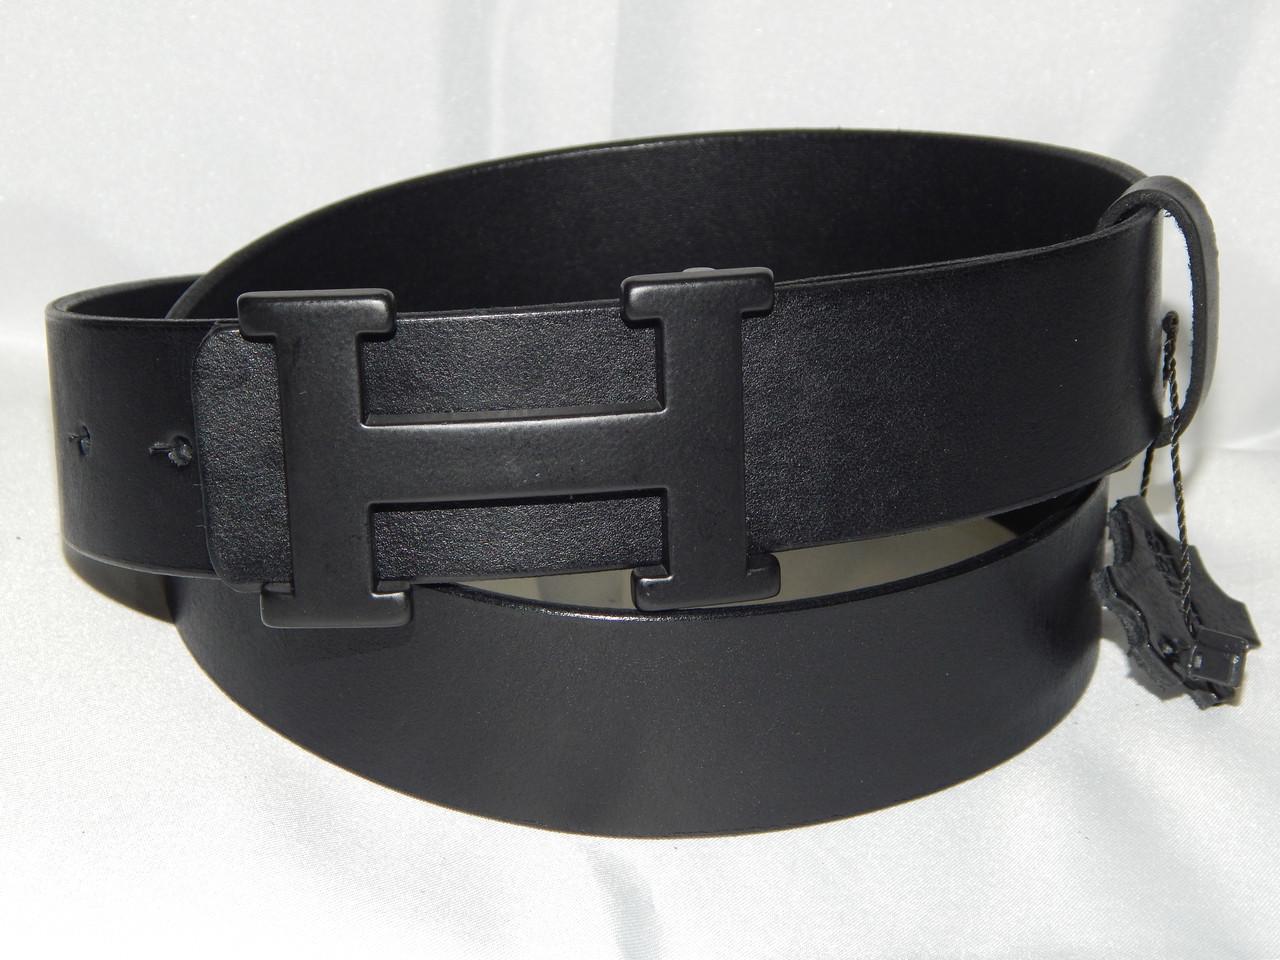 4ccfe1095bf8 Ремень Мужской Кожаный Hermes 40 Мм 930513 — в Категории